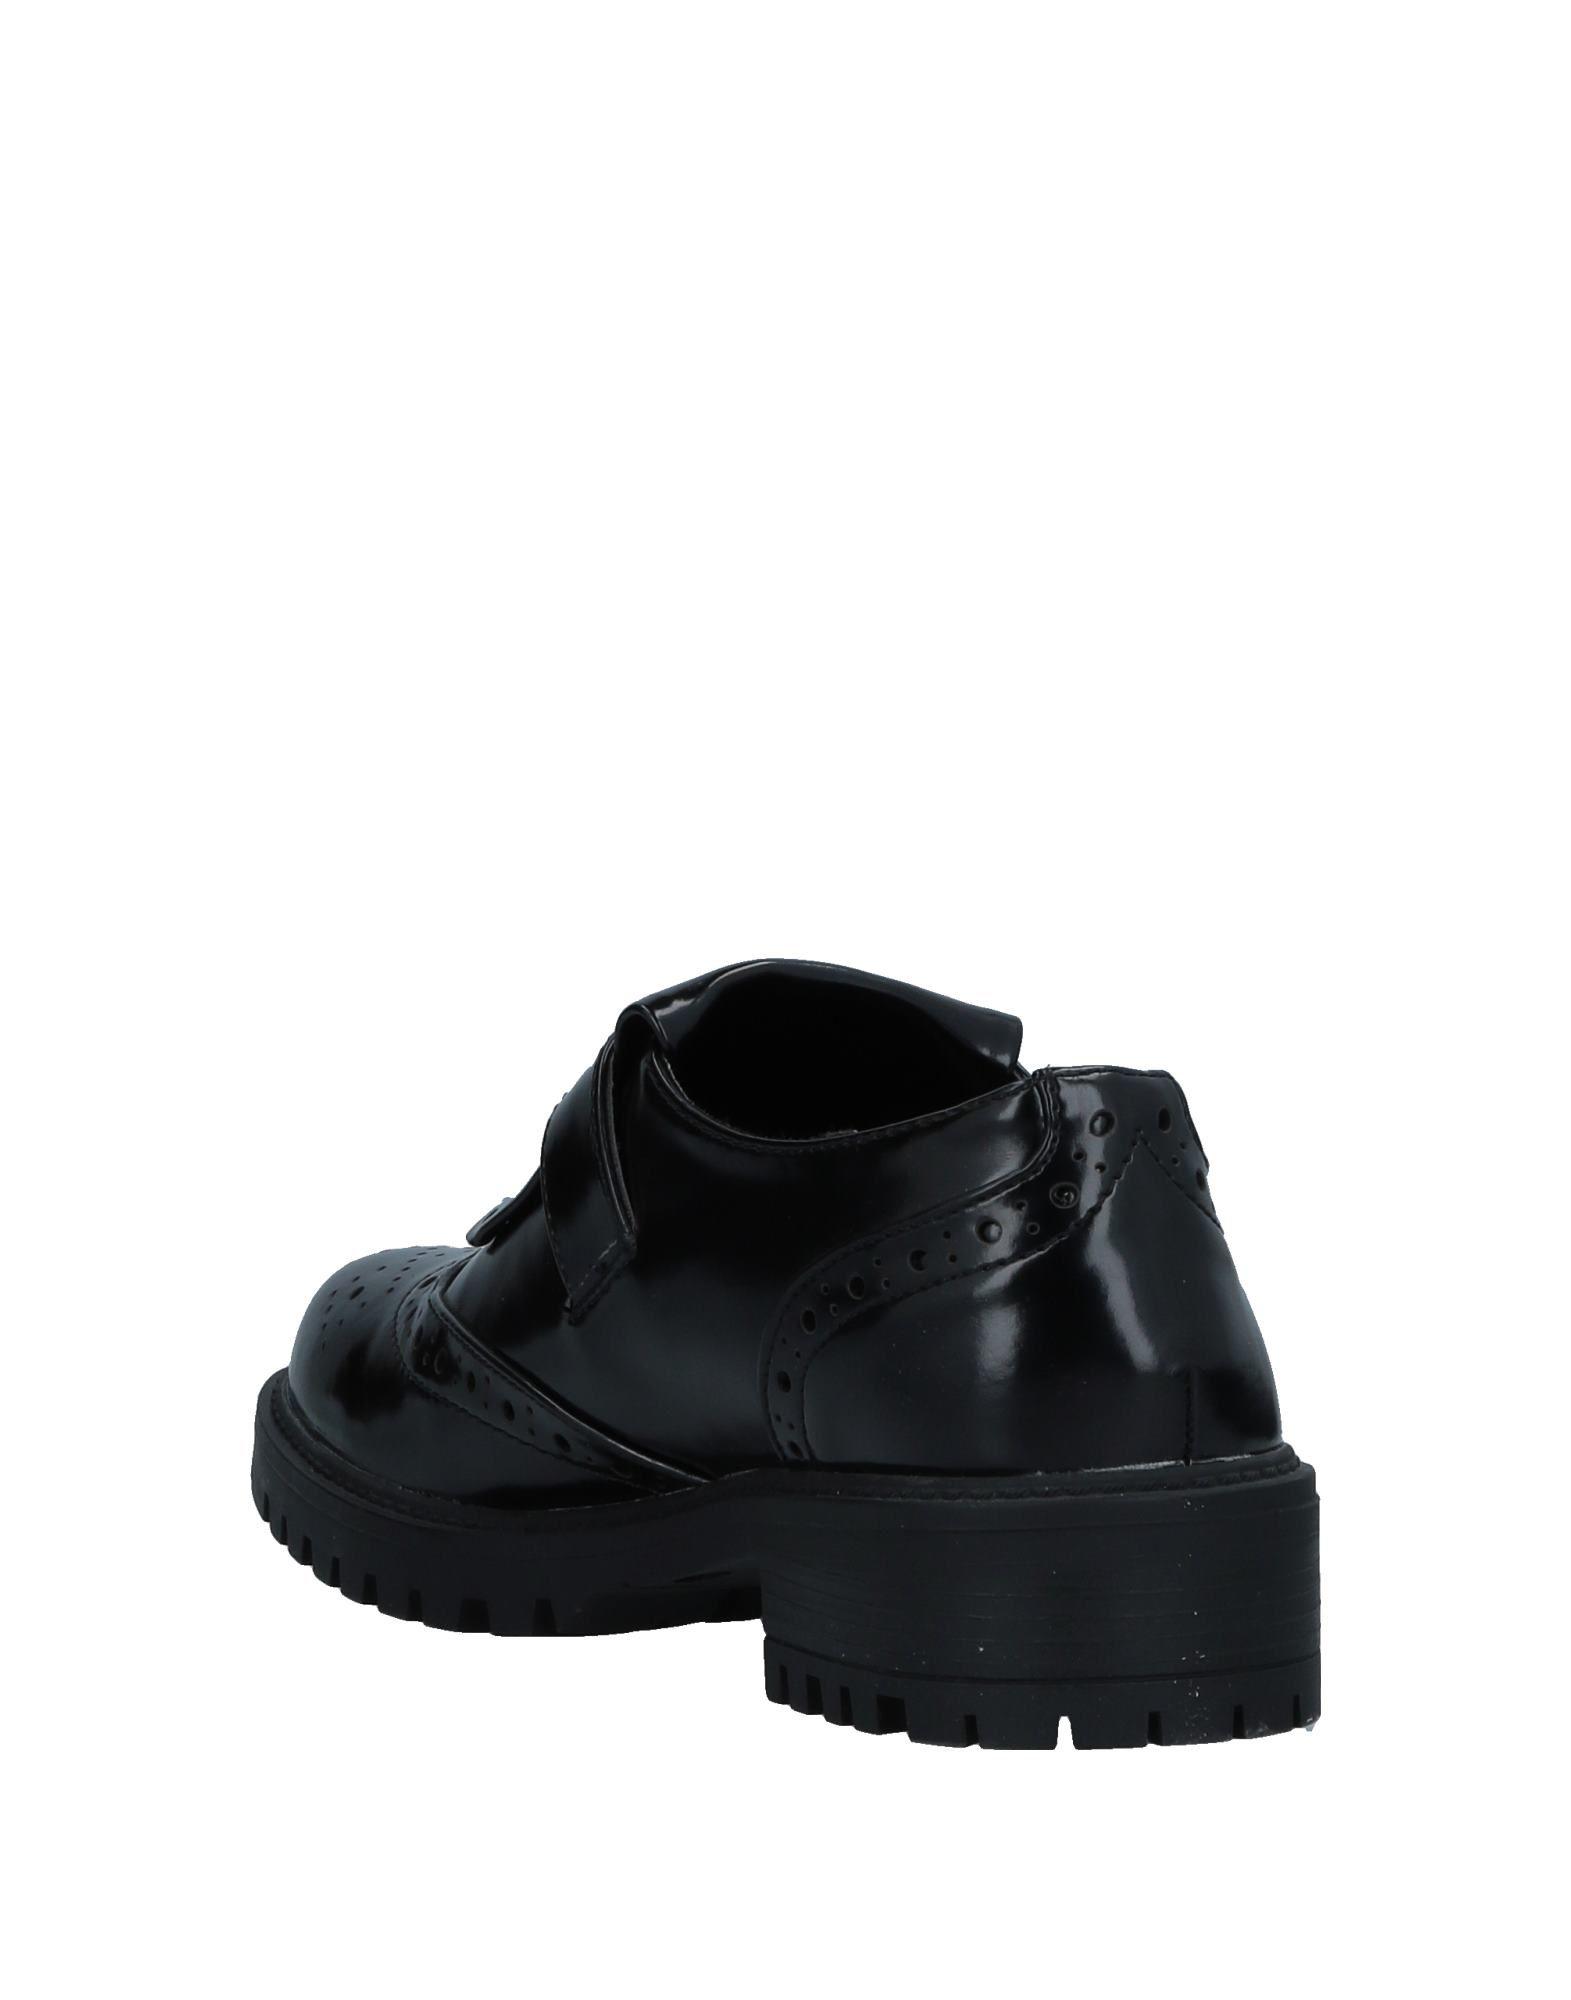 Stellaberg Mokassins beliebte Damen  11531871HM Gute Qualität beliebte Mokassins Schuhe b8229b